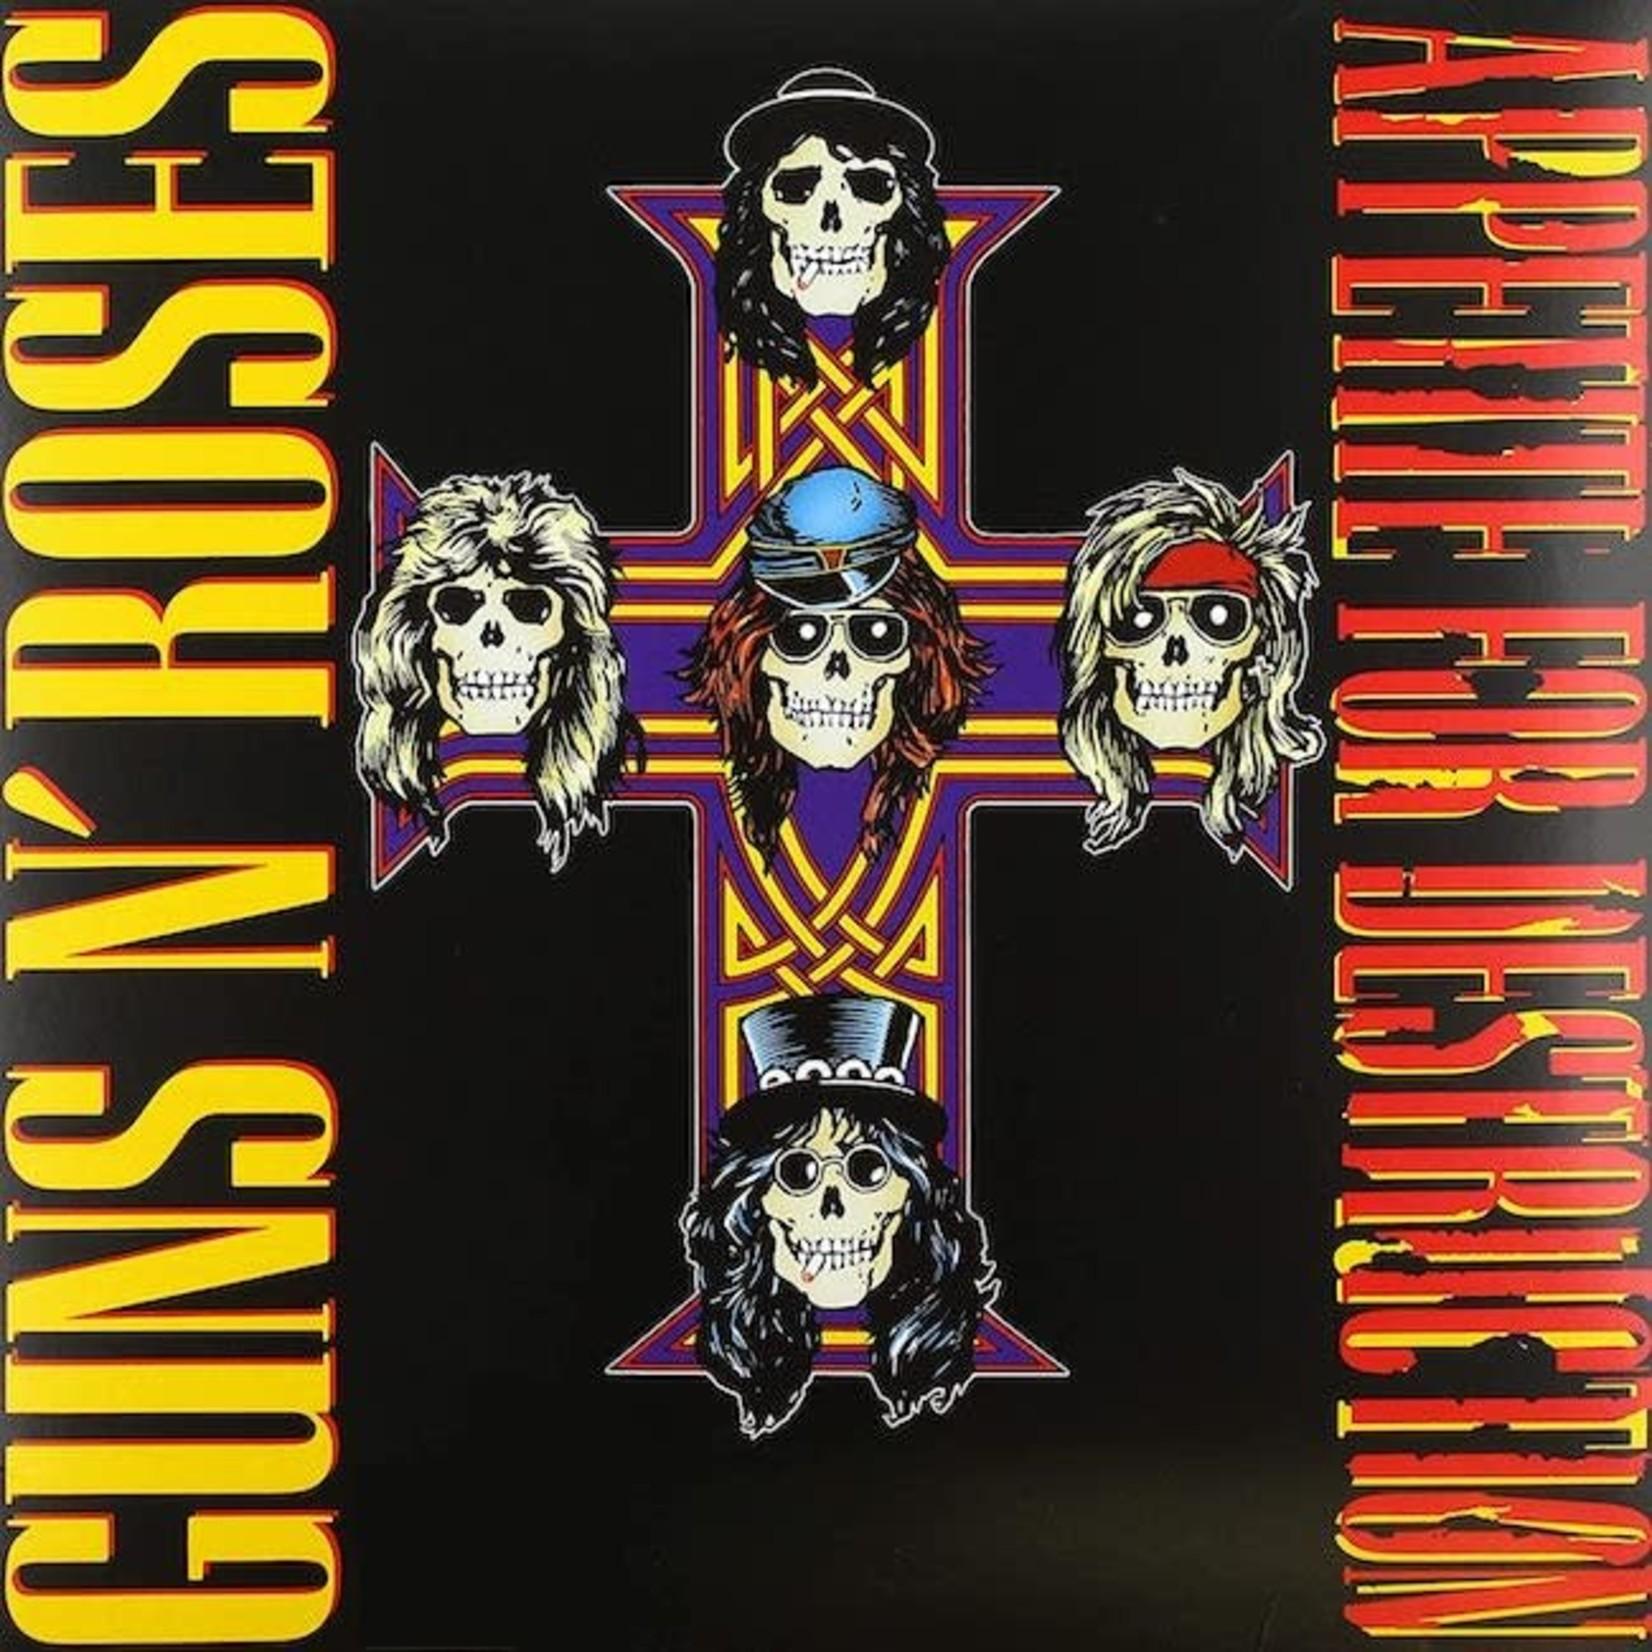 [Vintage] Guns N' Roses: Appetite For Destruction (80s pressing, no robot)